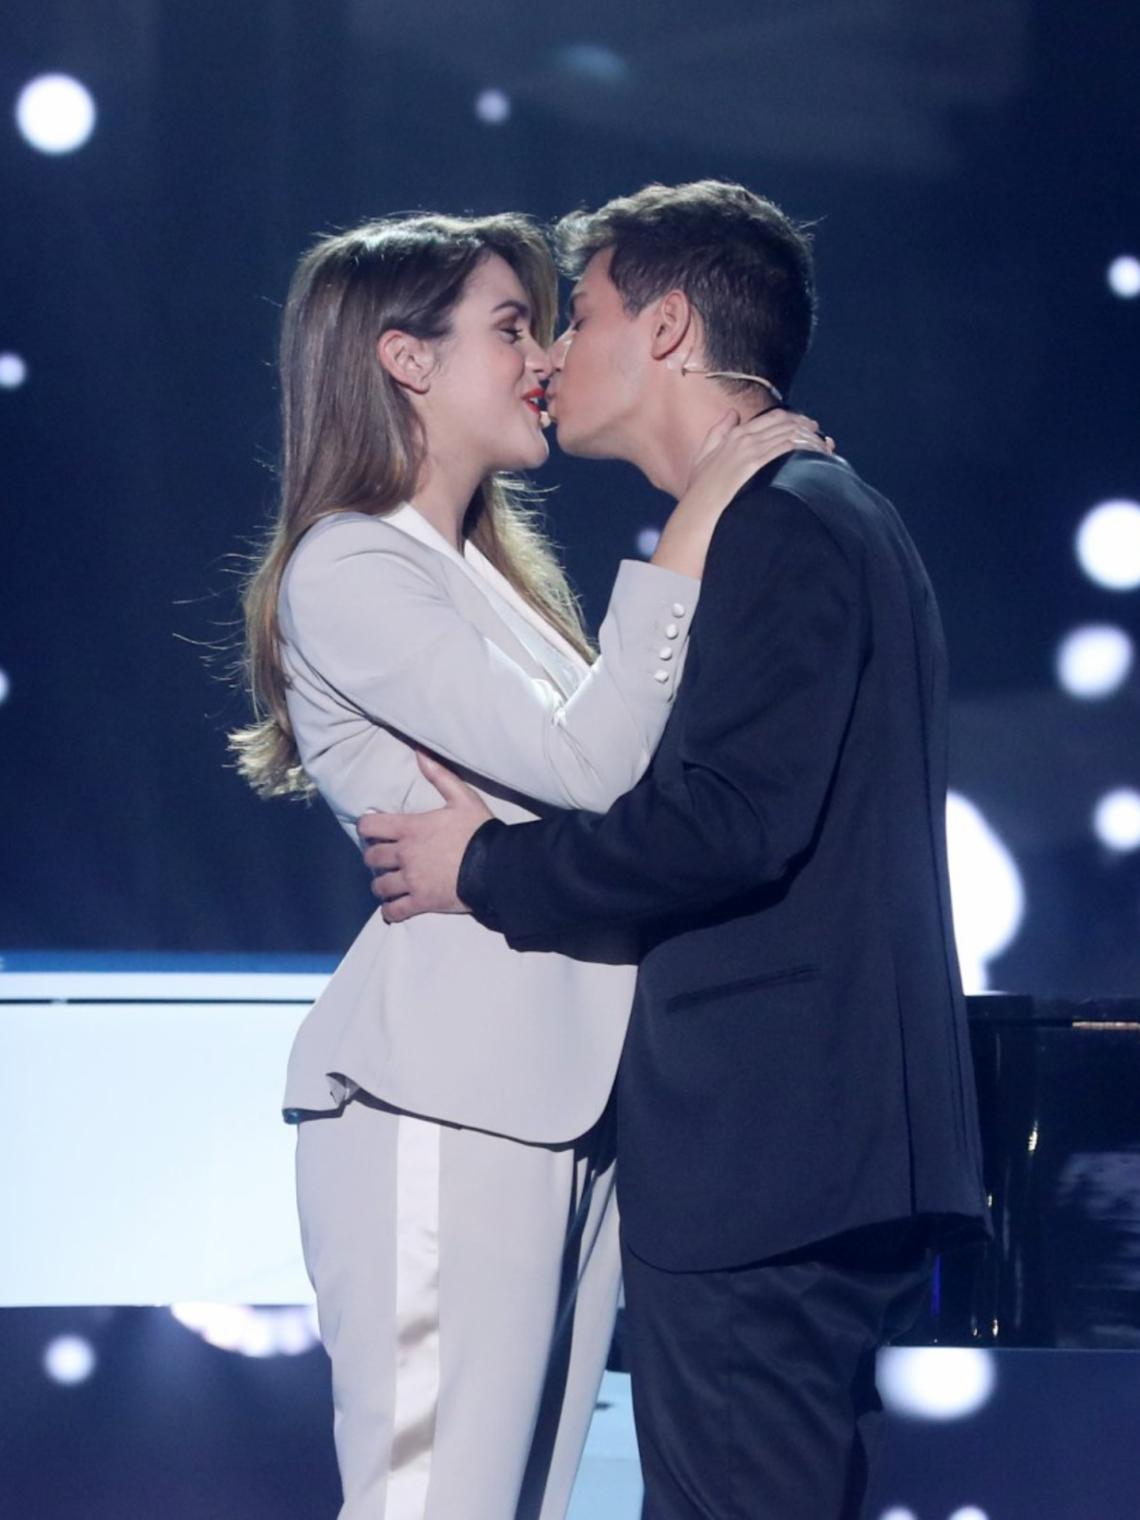 Tras una noche emocionante… ¡triunfó el amor! Amaia y Alfred de OT, representarán a España en Eurovisión